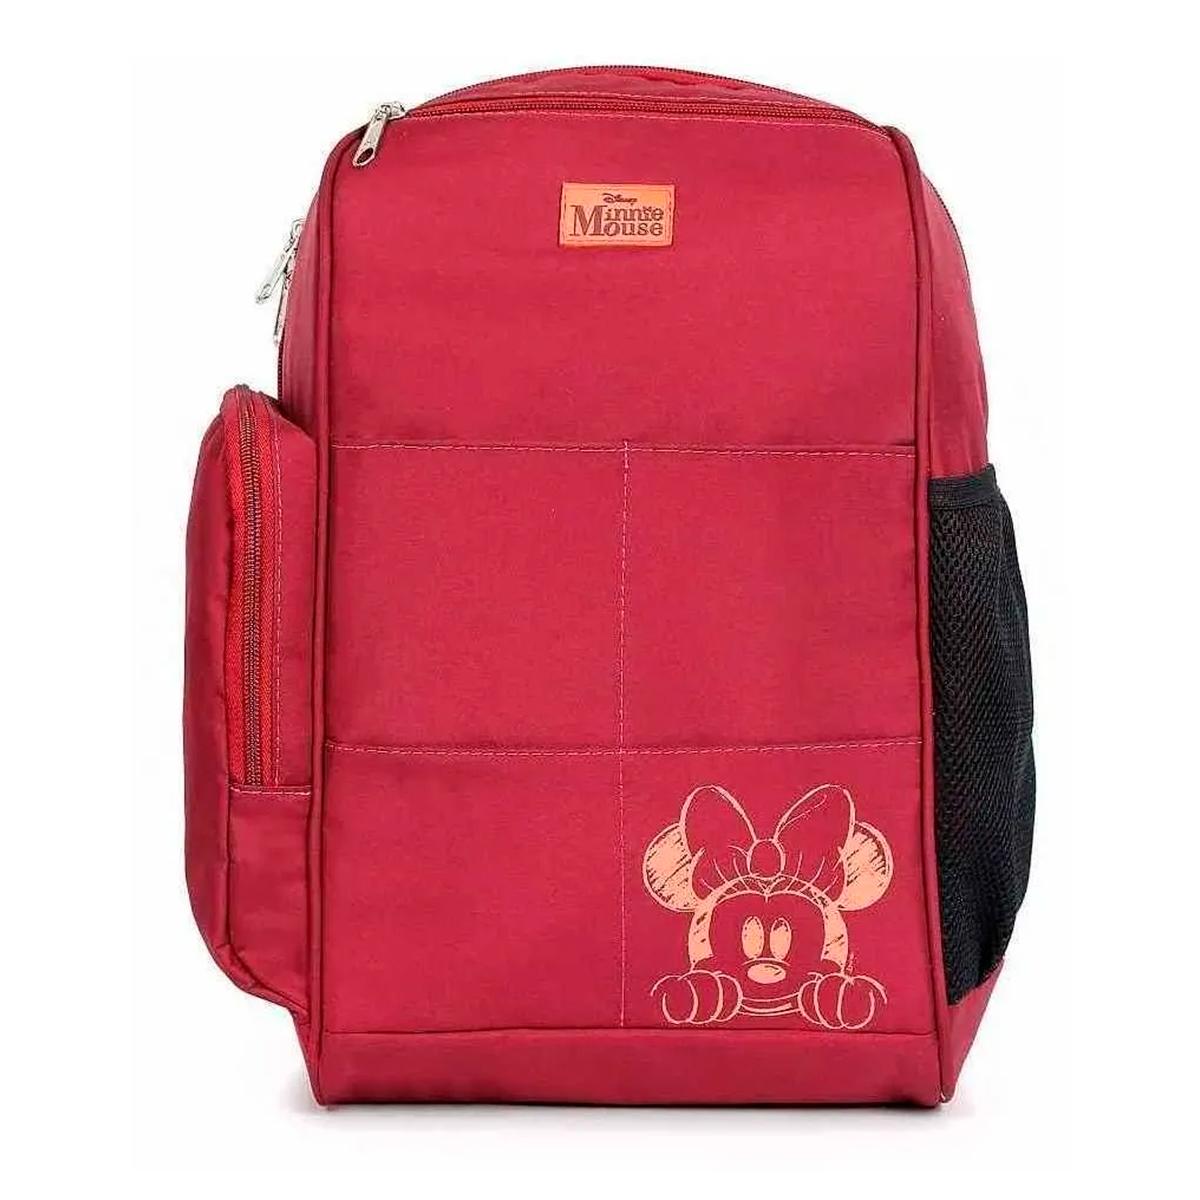 Baby Bag Mochila Maternidade C/ Trocador Disney Minnie Vinho 1450